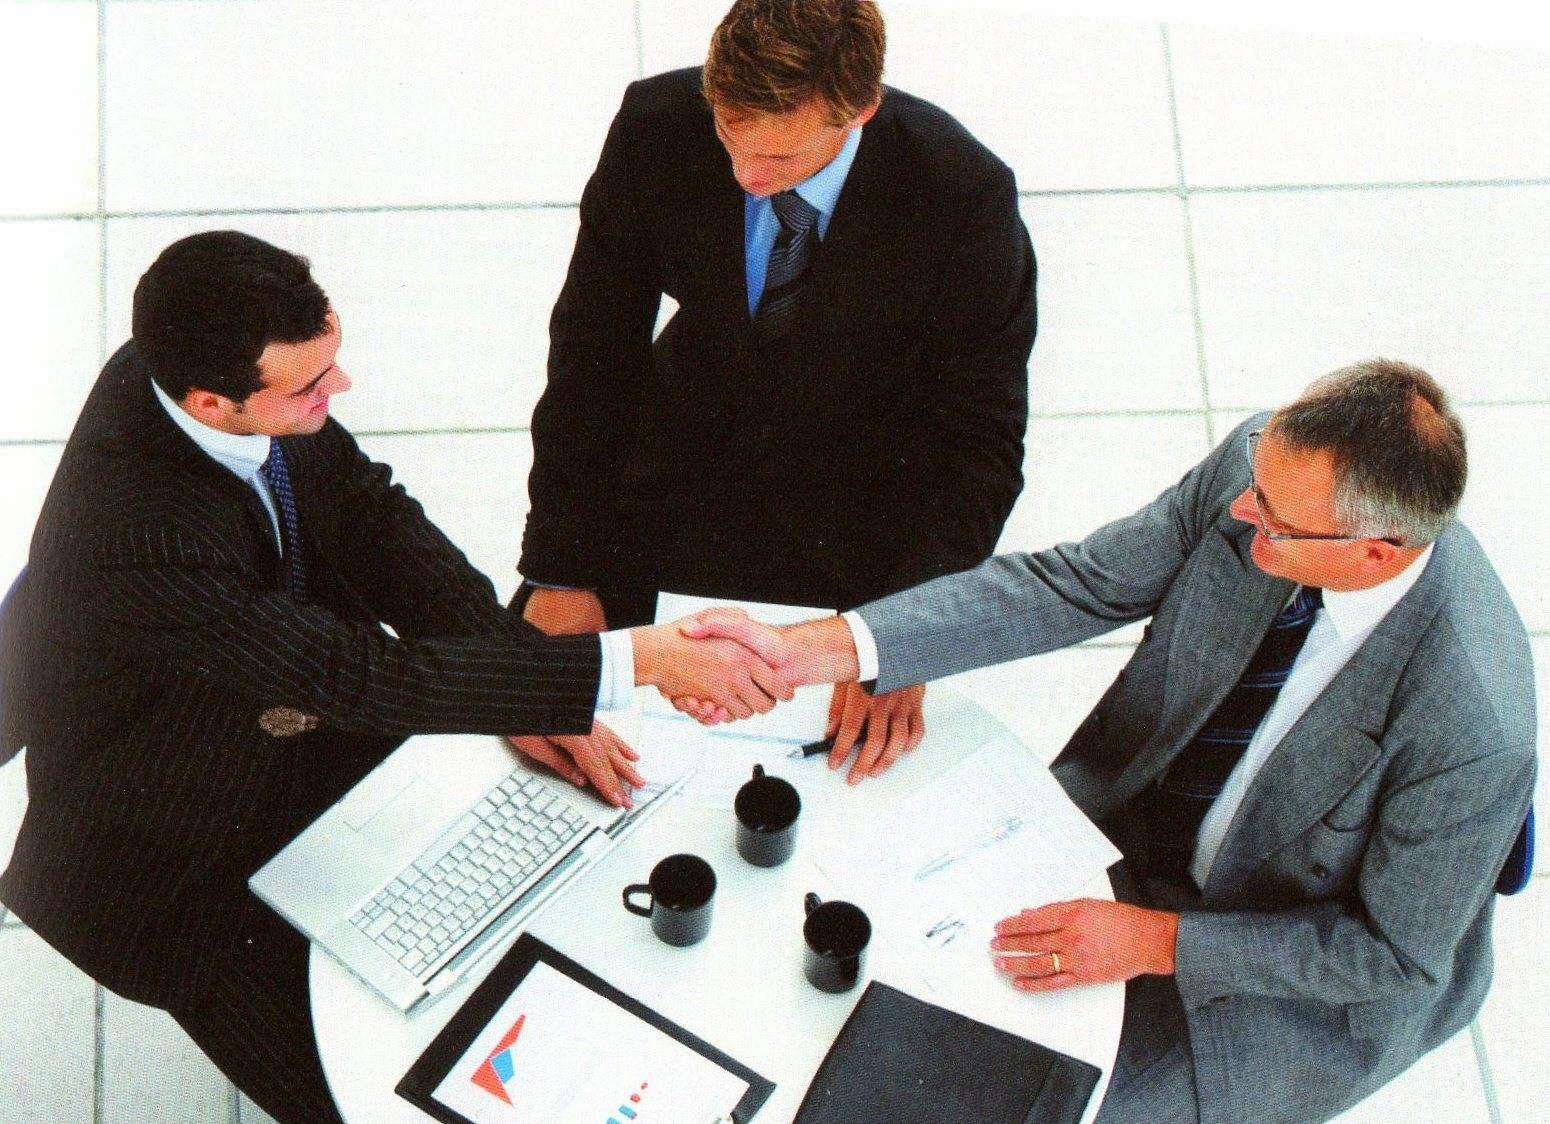 تمتع بالمرونة لإحتراف عملية التفاوض